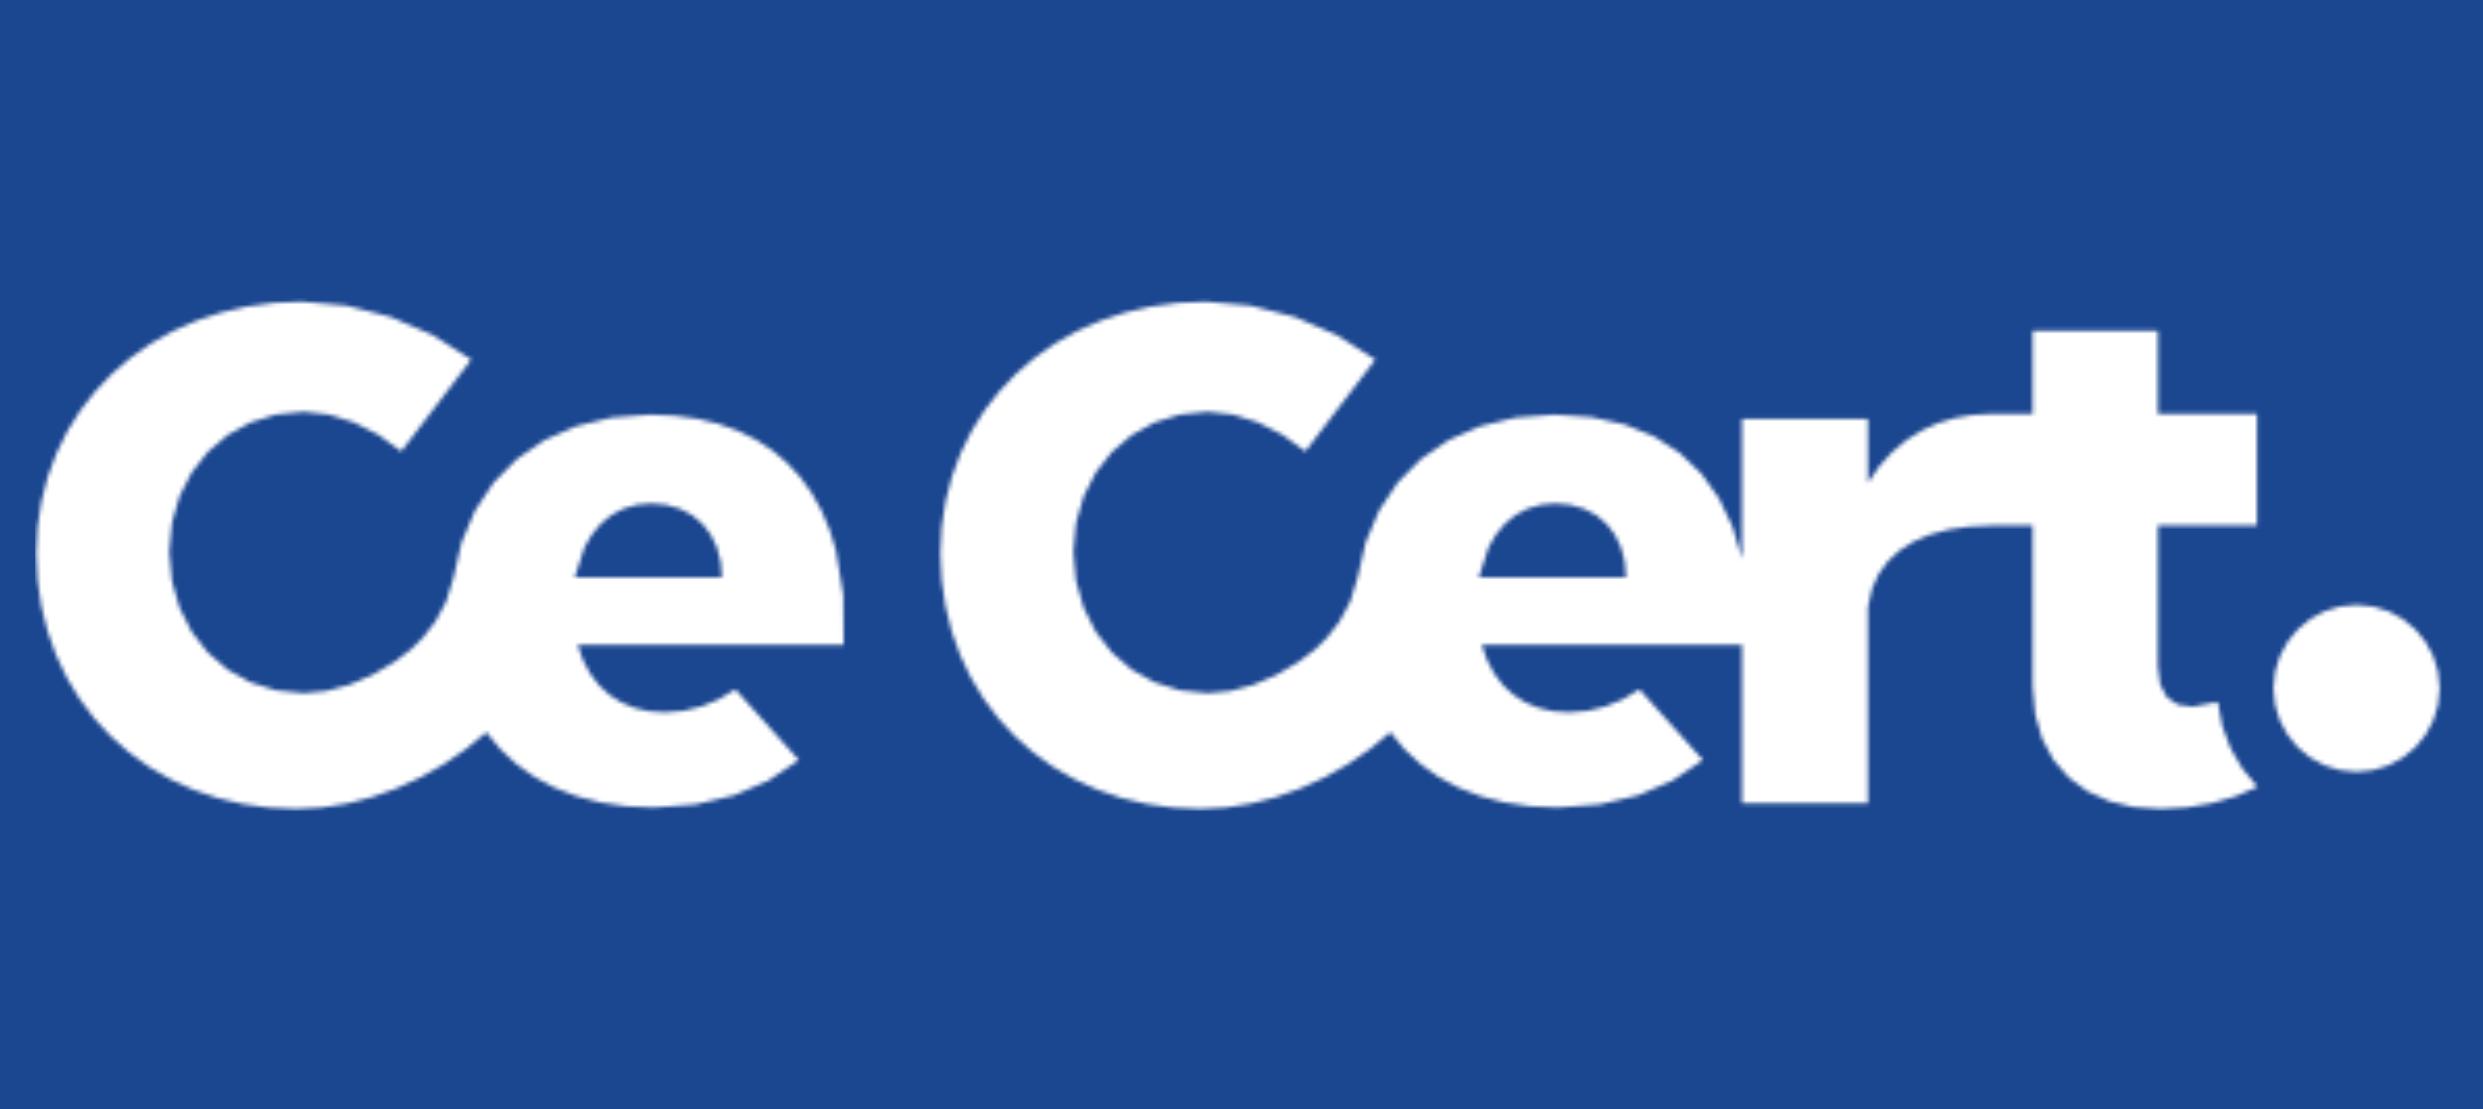 CeCert